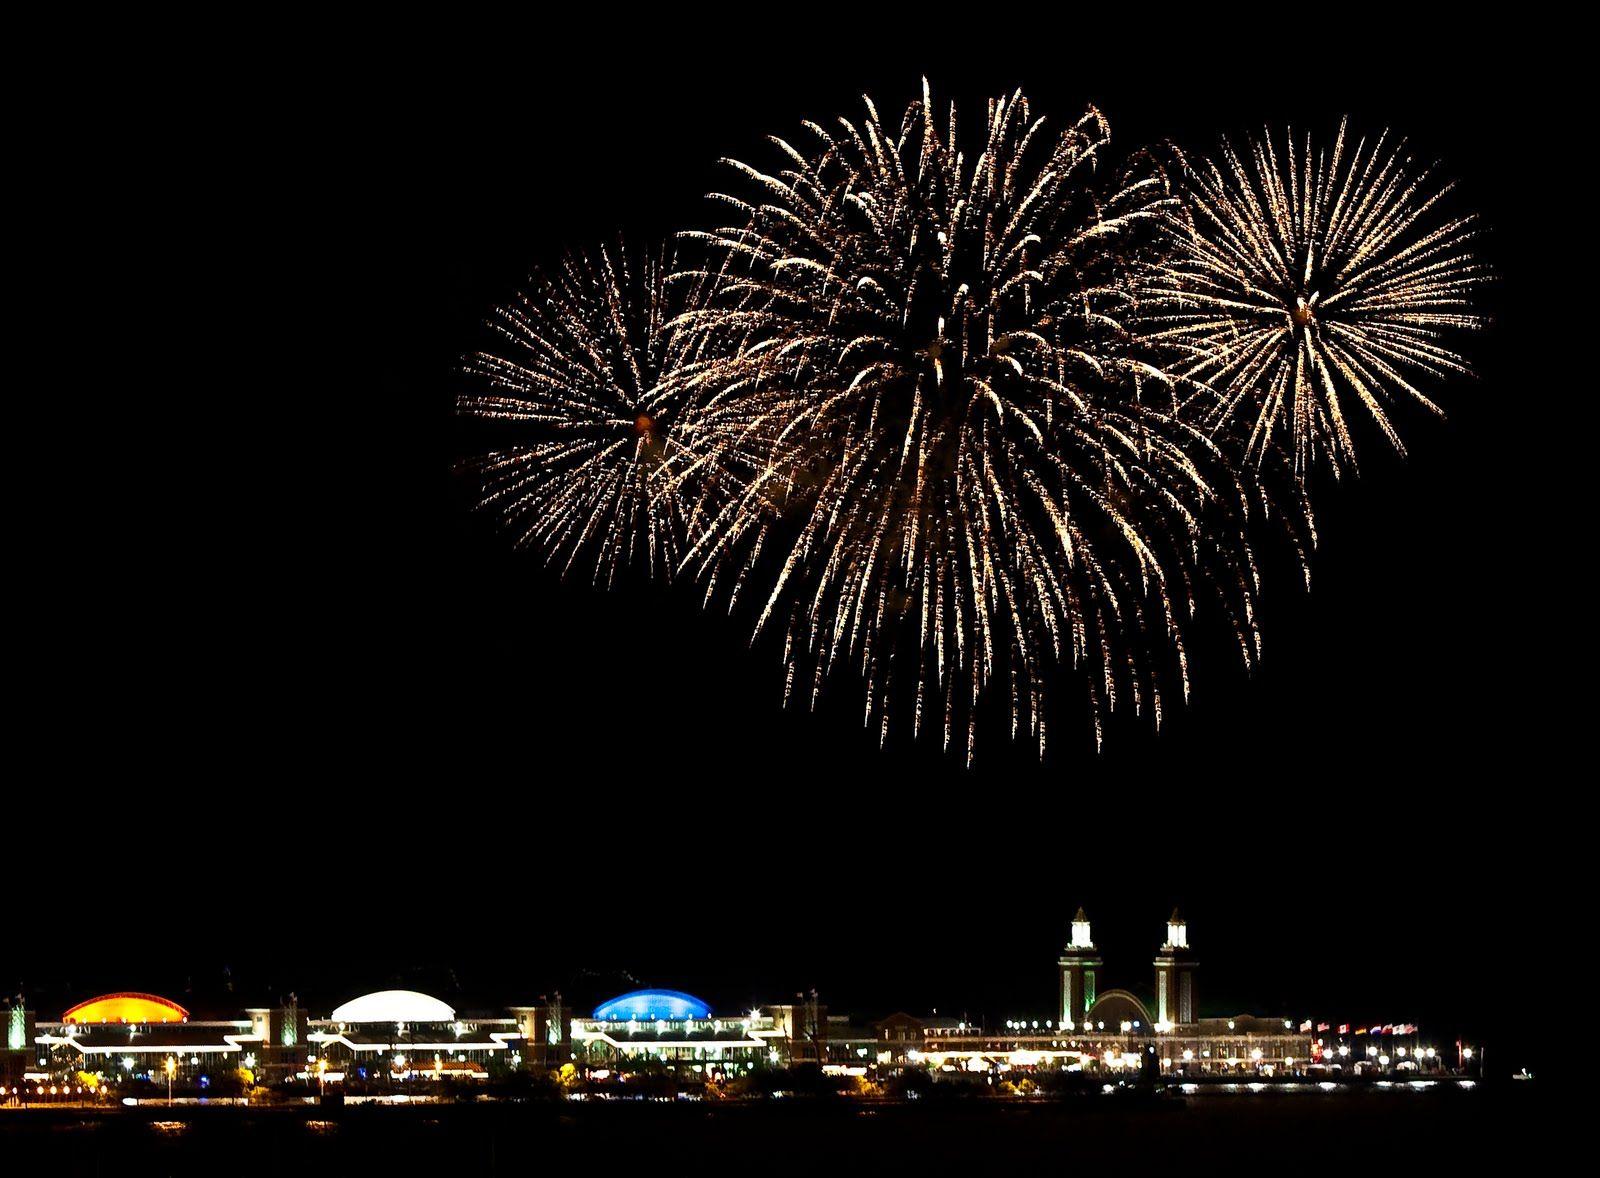 Fireworks Navy Pier 8183 Jpg 1600 1178 Pixels Celebration Around The World Fireworks Navy Pier Chicago